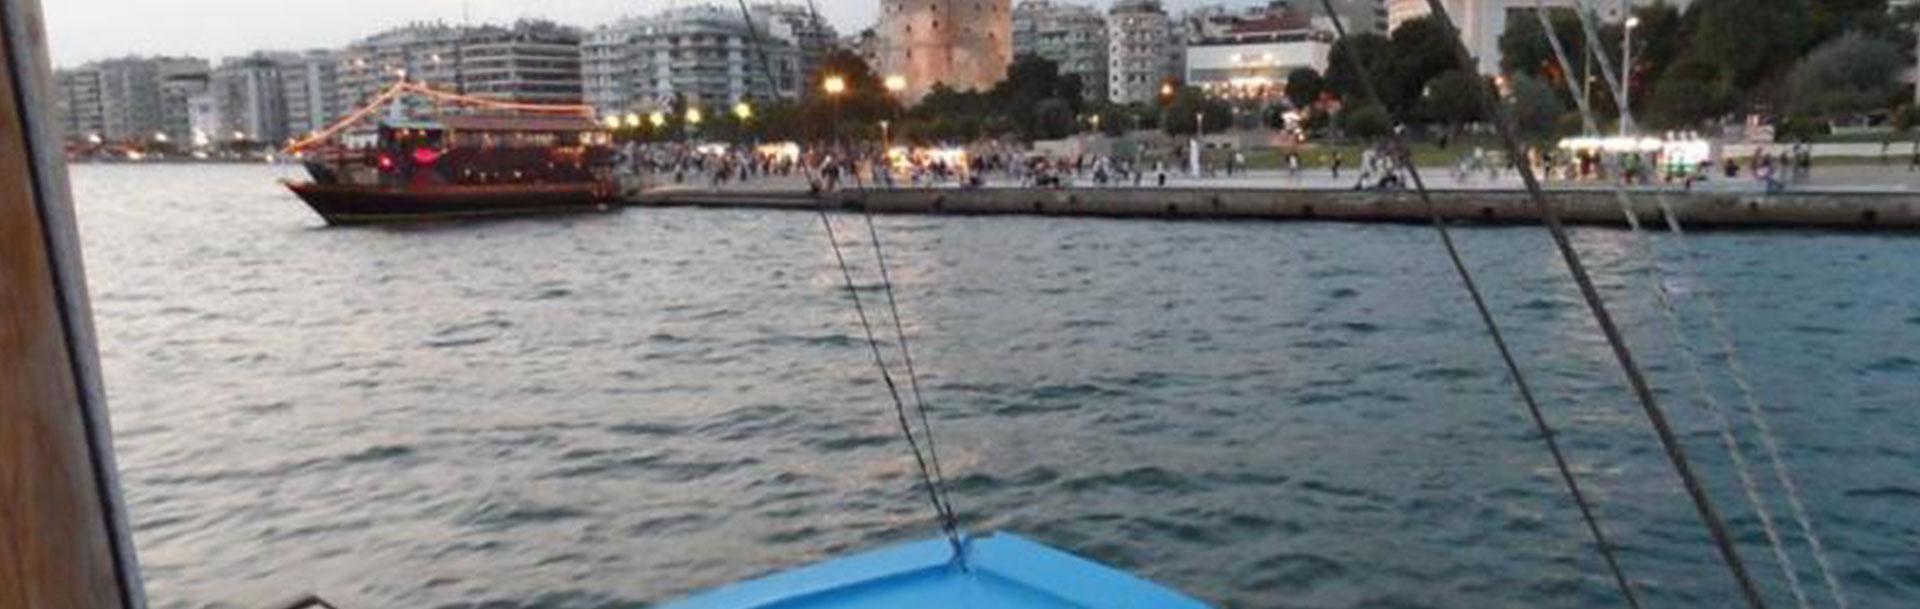 Θεσσαλονίκη: Νέο σκάφος κάνει 3 τα καραβάκια στο Θερμαϊκό – Και νέα στάση!